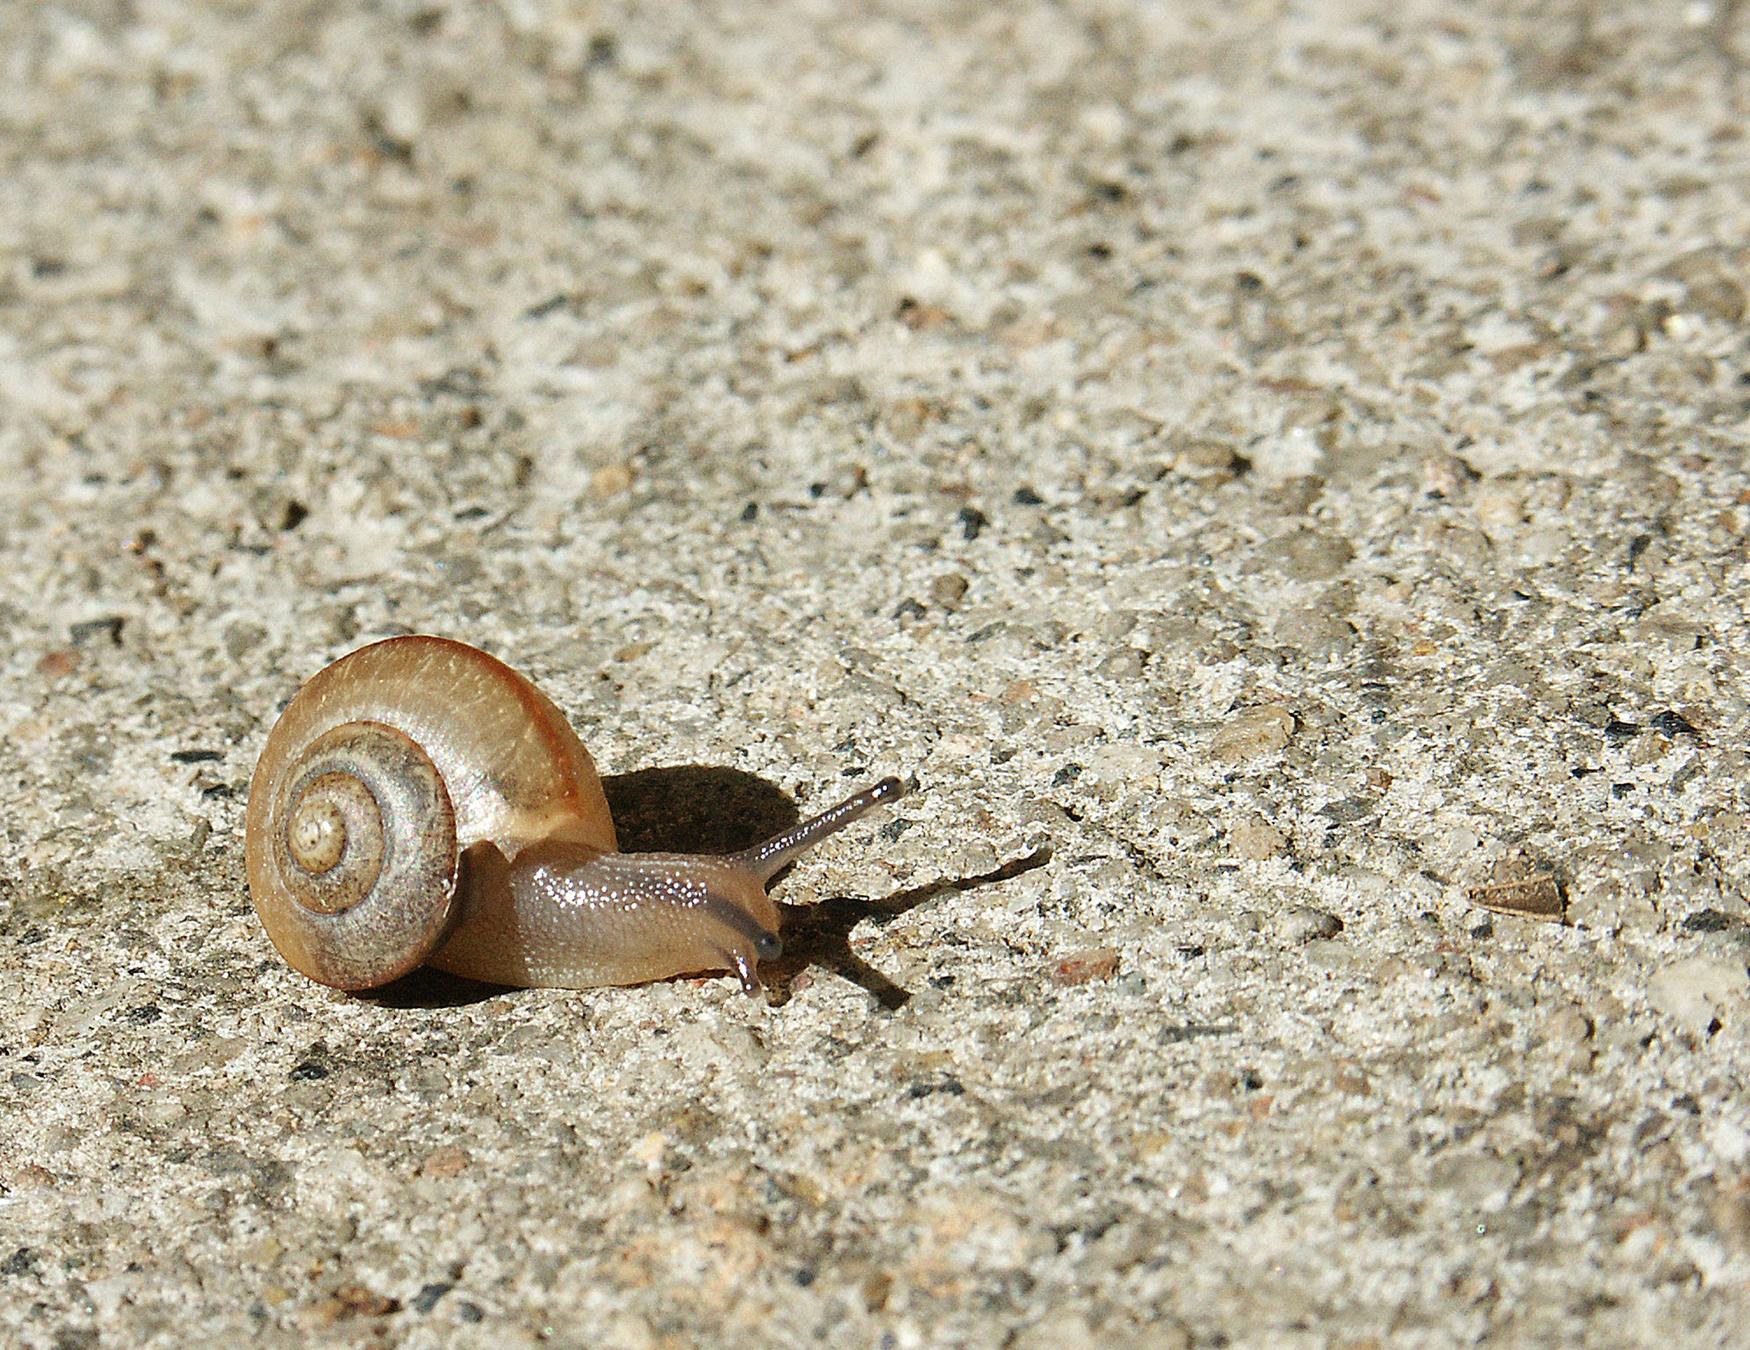 snails-1393436